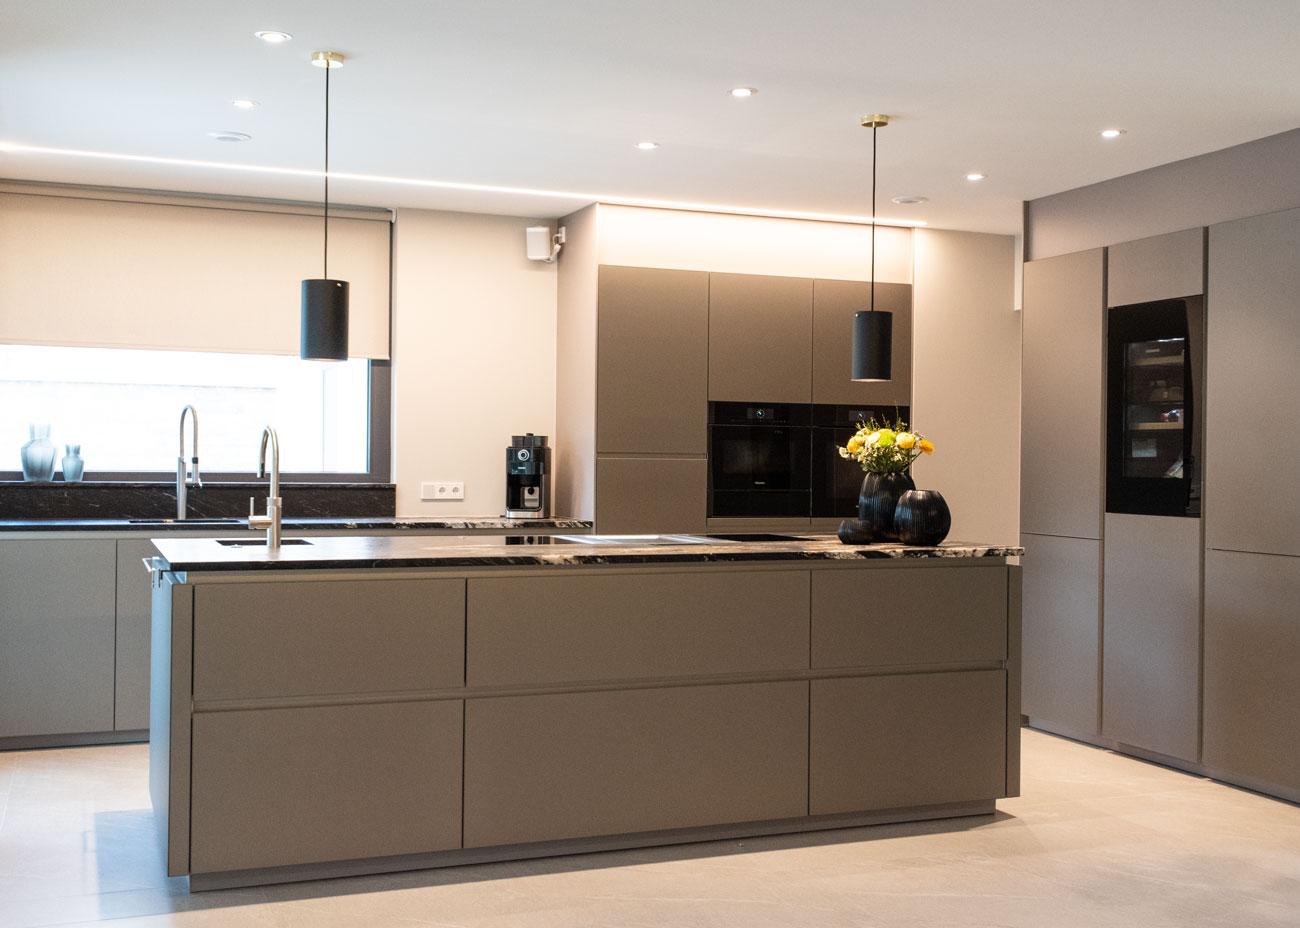 haus einrichten Küche glasfronten taupe leuchten schwarz